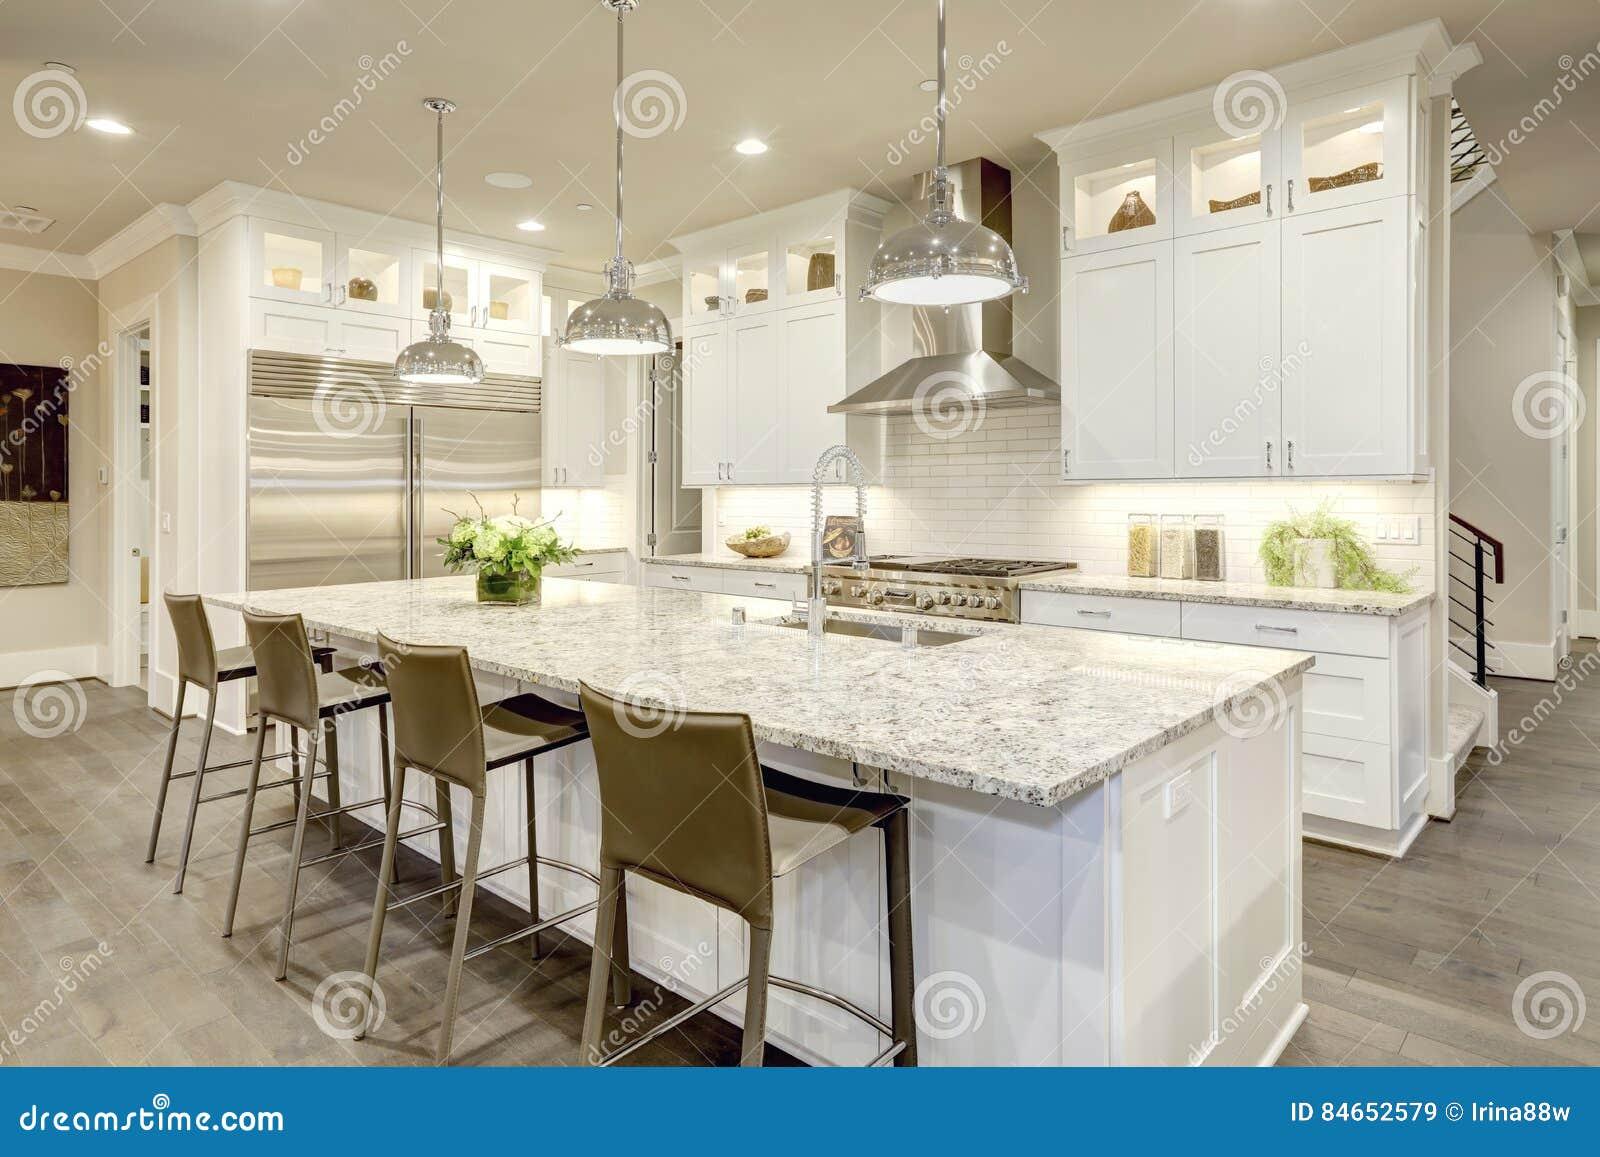 Conception blanche de cuisine dans la nouvelle maison luxueuse